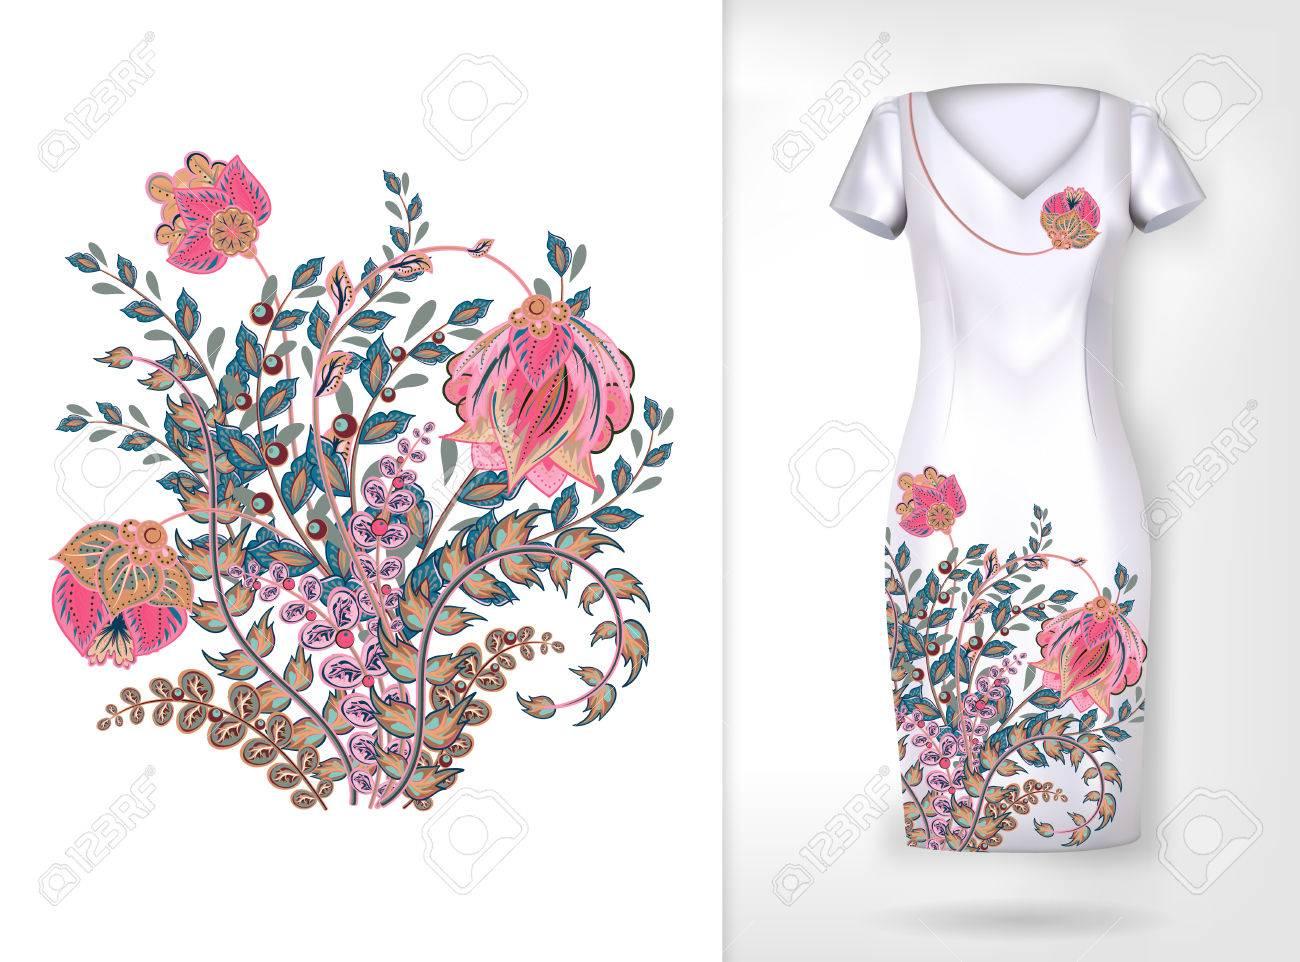 Foto de archivo - Patrón floral de la tendencia colorida del bordado.  Vector patrón de flores ornamentales tradicionales en la simulación de  vestir. 3618443ba3f1a